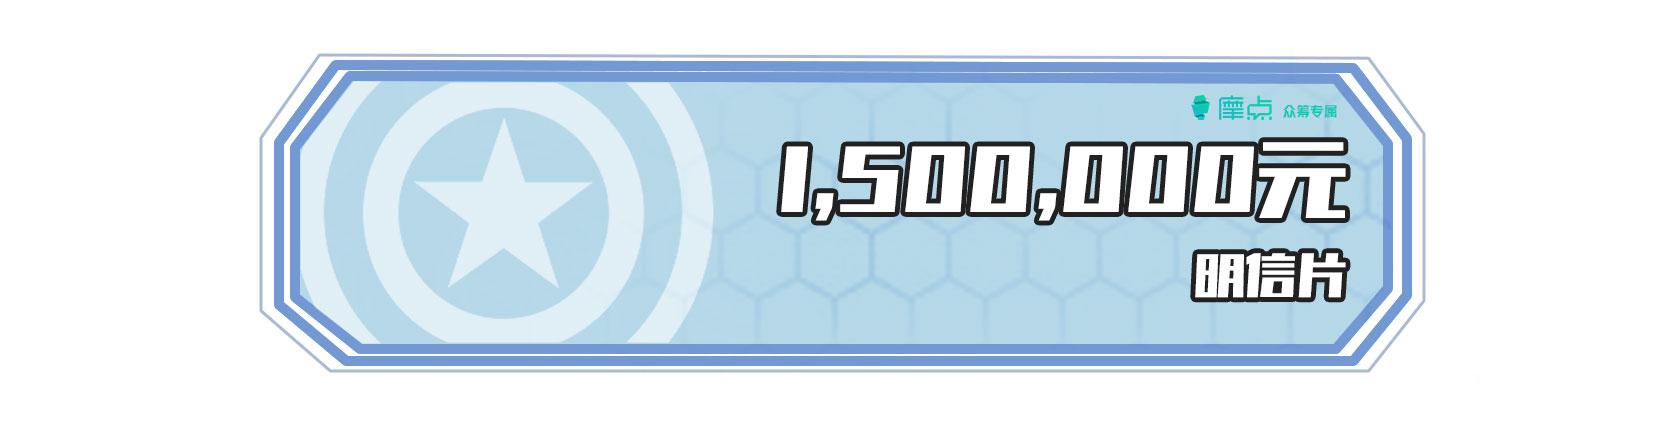 150万成功解锁.jpg